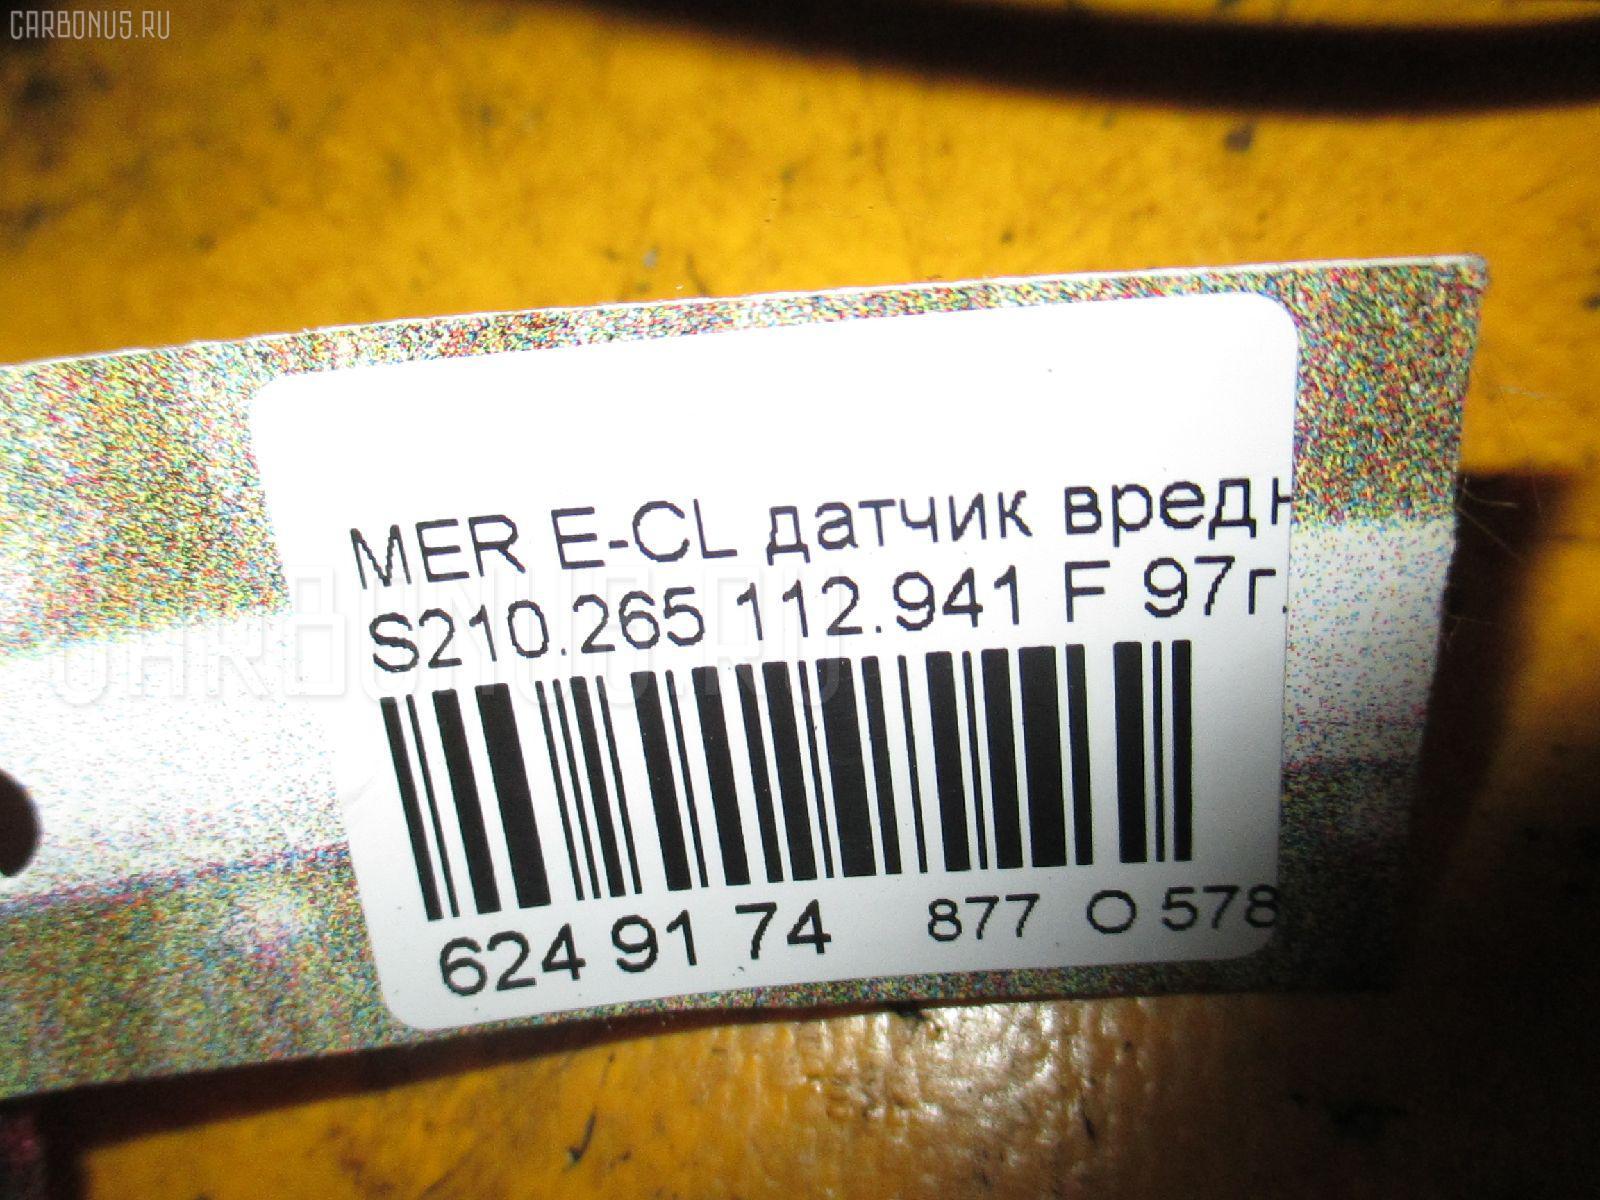 Датчик вредных газов наружнего воздуха MERCEDES-BENZ E-CLASS STATION WAGON S210.265 Фото 8